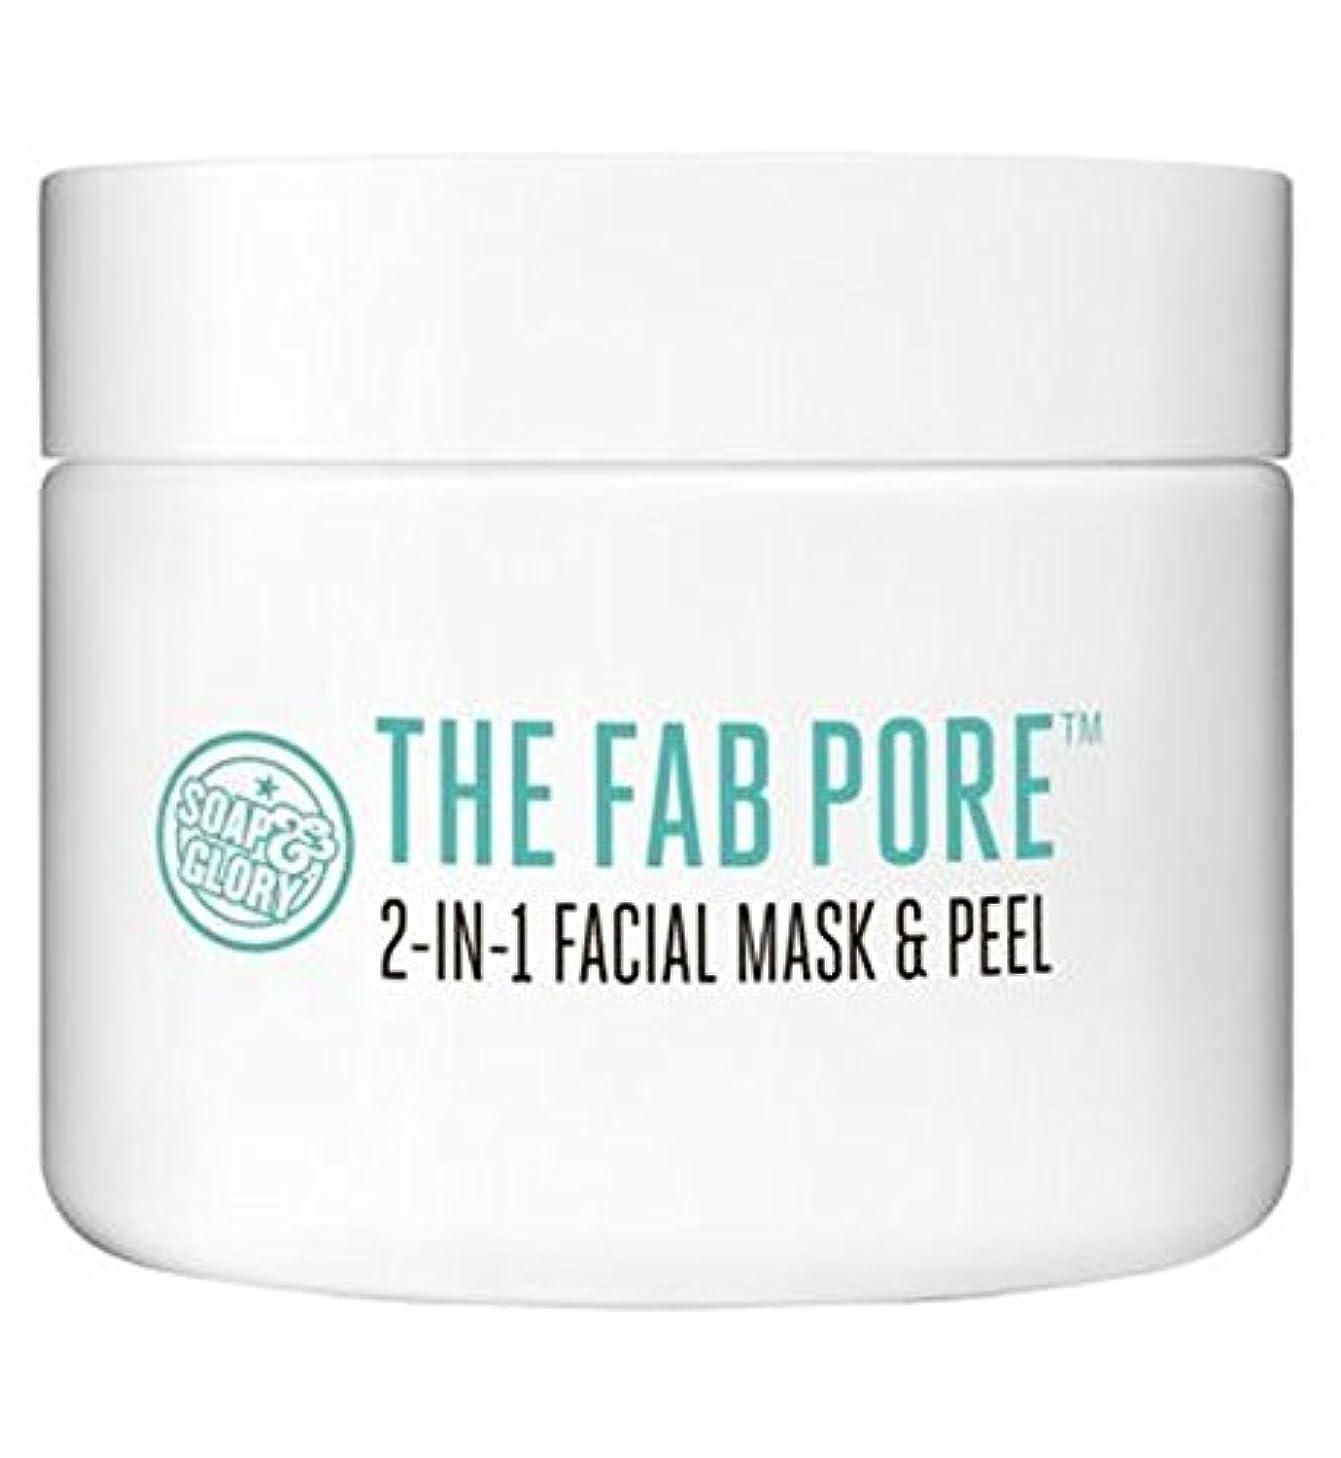 スライスフリッパー電化するファブ細孔?2イン1顔の細孔浄化マスク&ピール?石鹸&栄光 (Soap & Glory) (x2) - Soap & Glory? Fab Pore? 2-in-1 Facial Pore Purifying Mask...